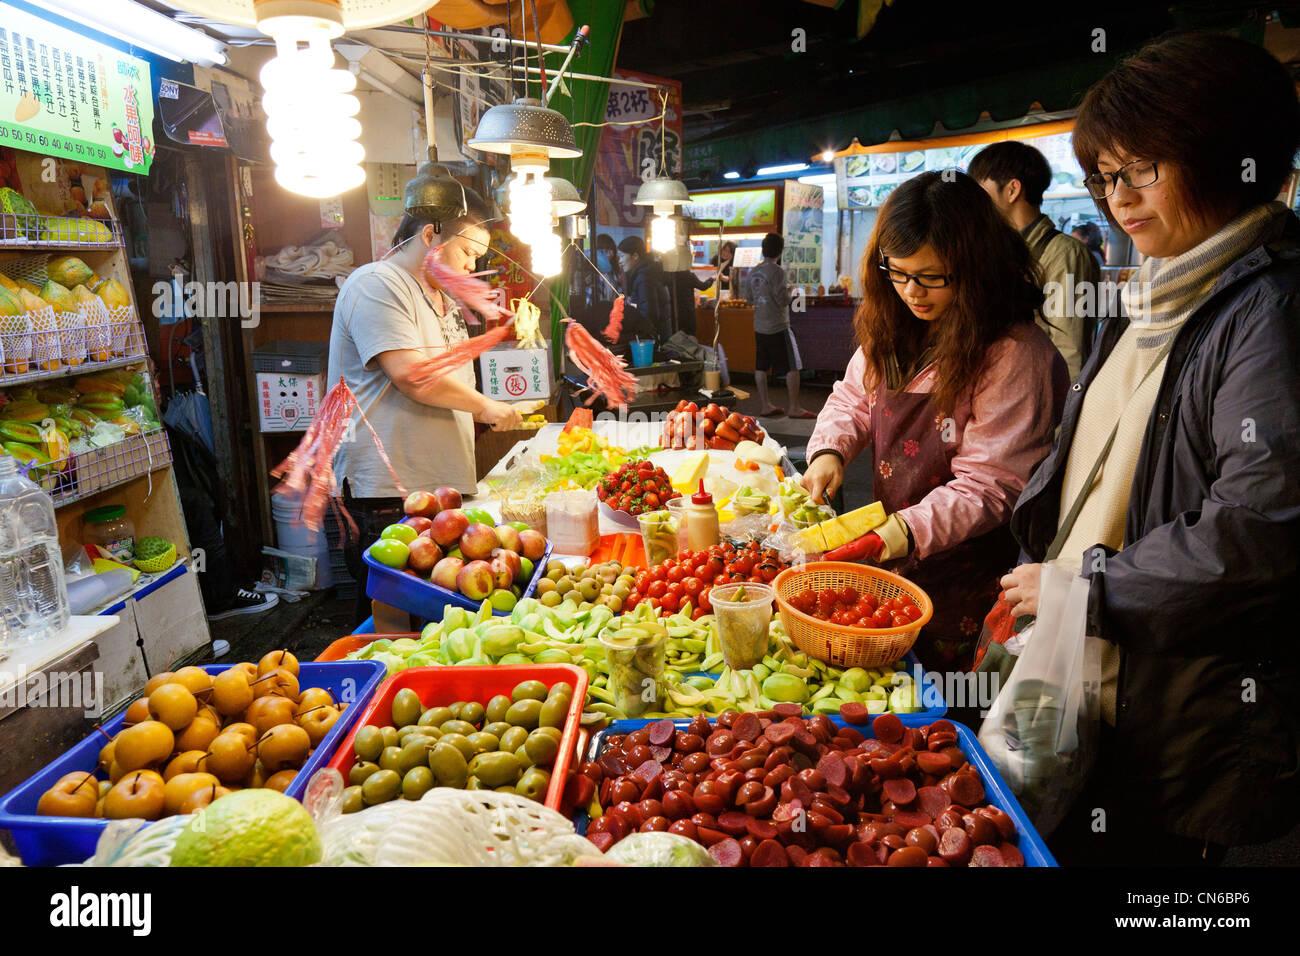 Shopping pour les fruits dans le marché de nuit de Shida, Taipei, Taiwan. JMH5639 Photo Stock